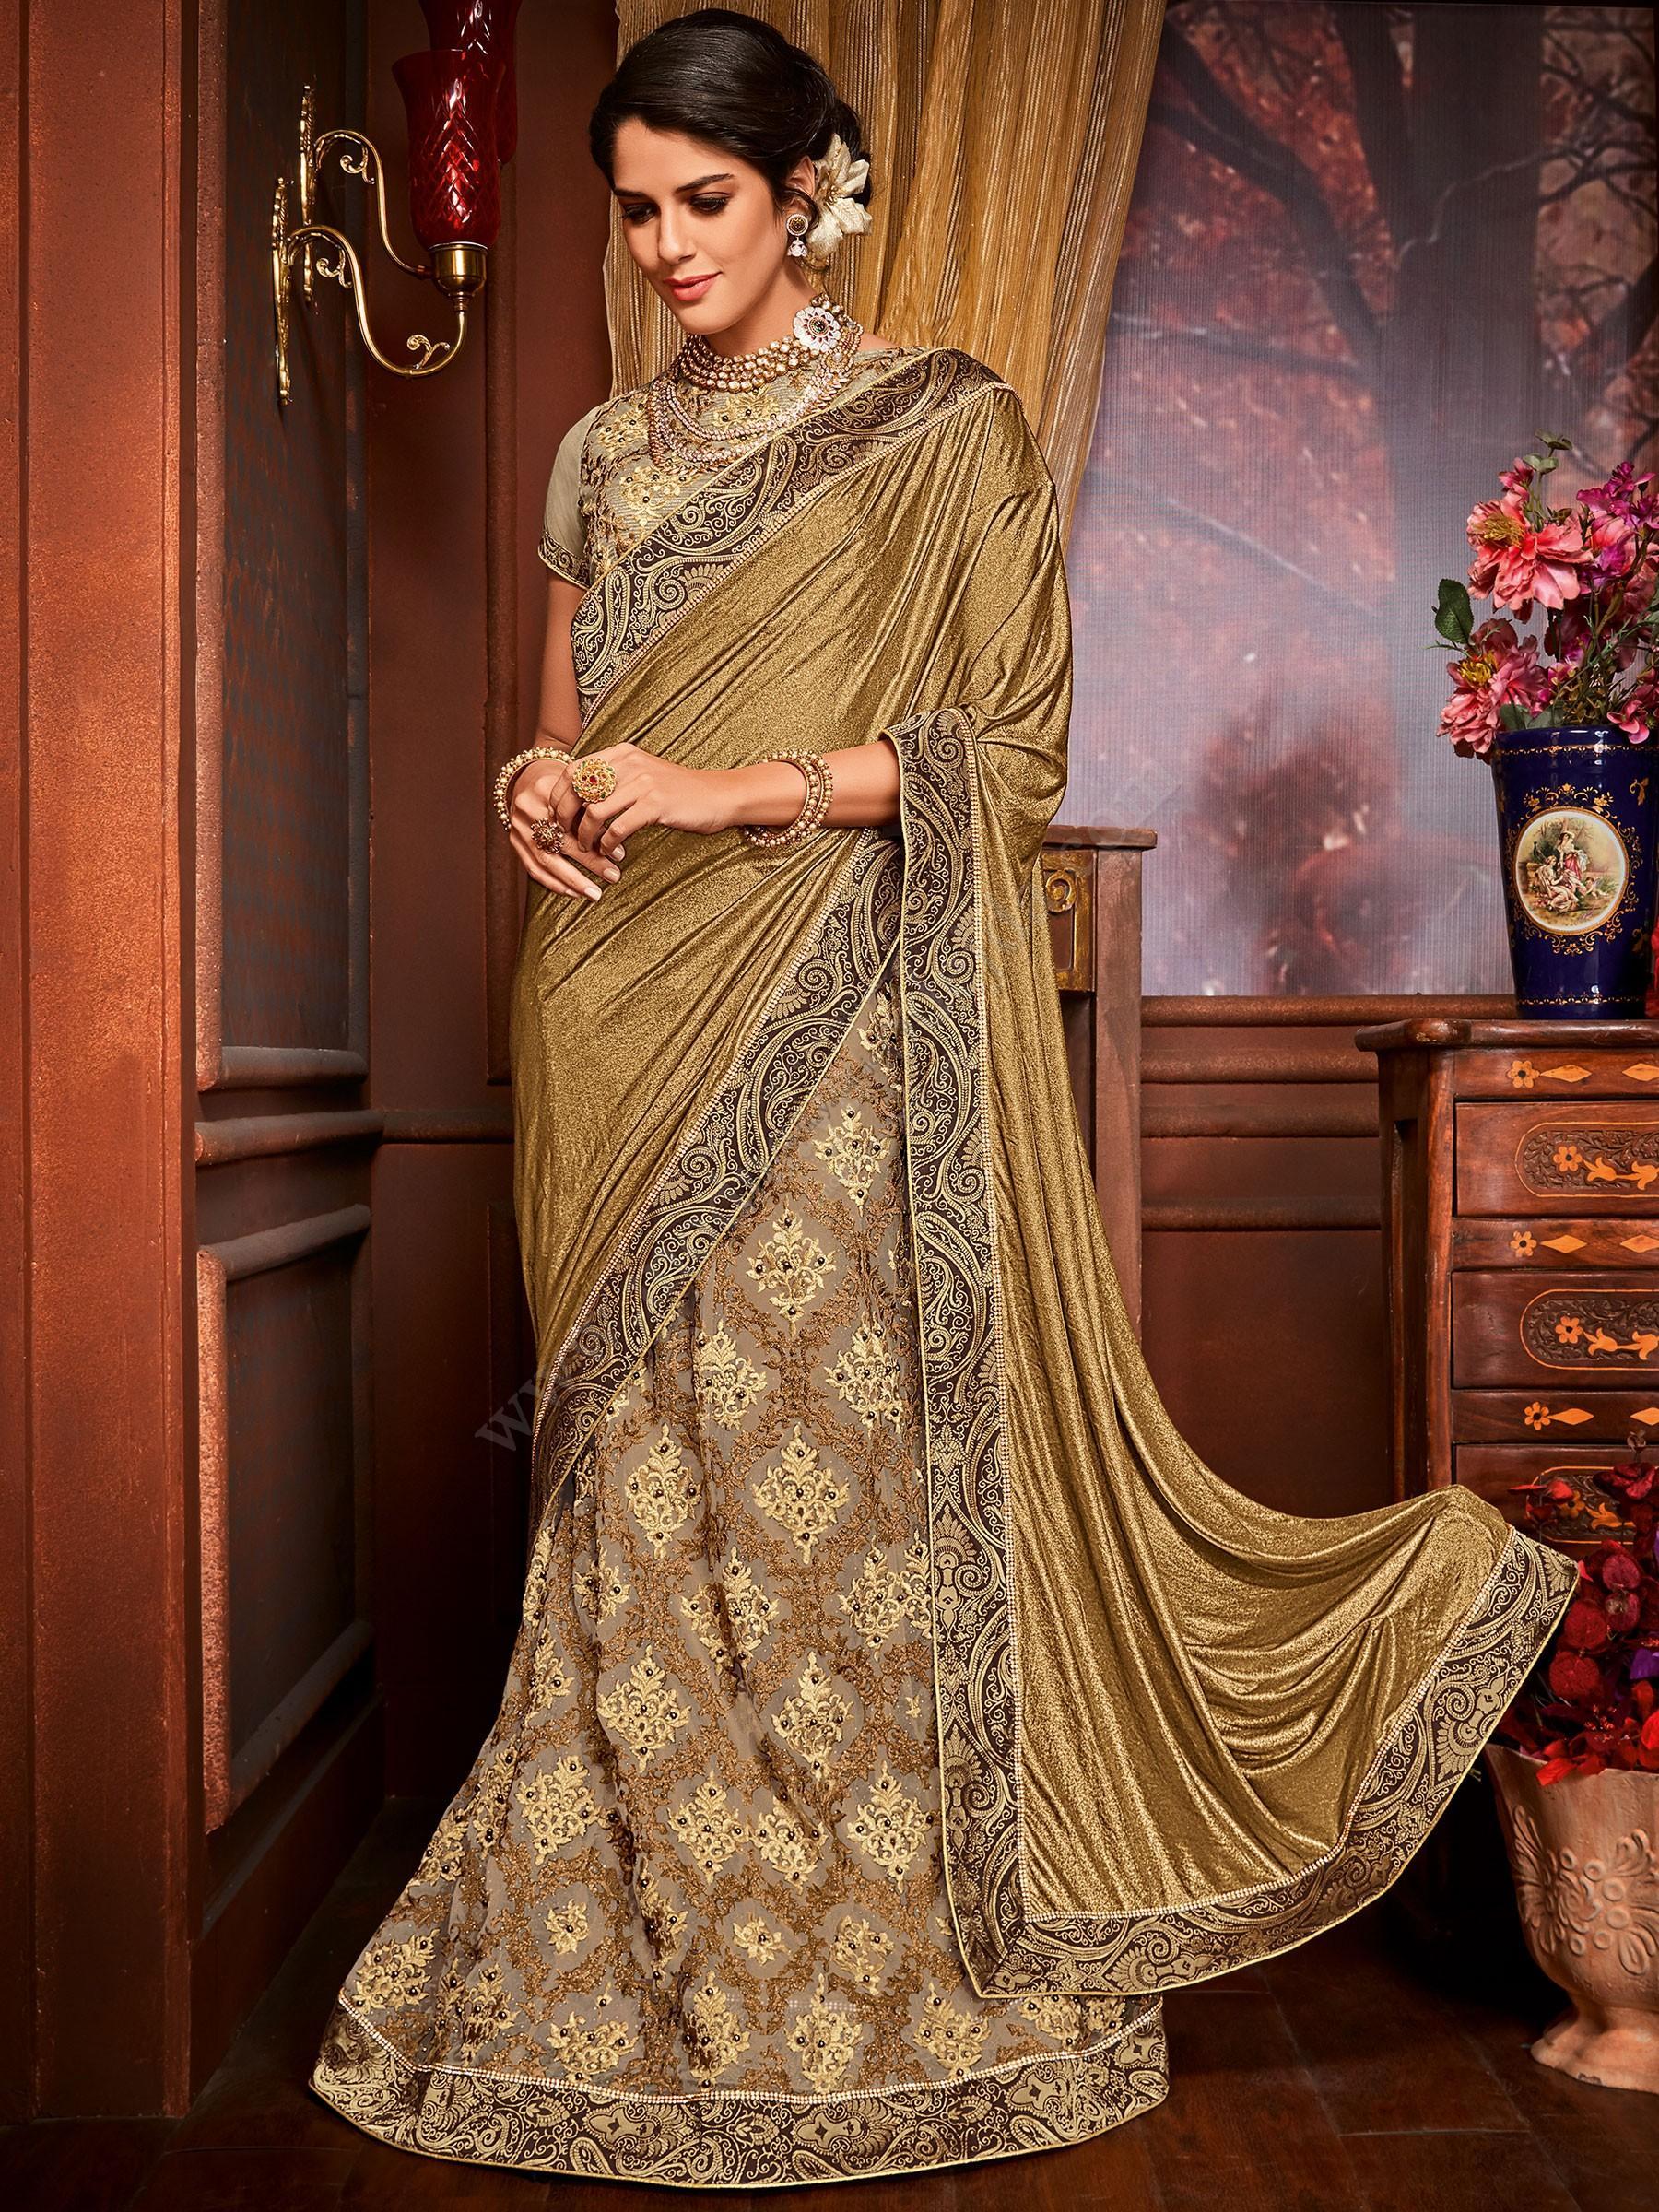 Vestiti Da Sposa Indiani.Indiano Mascolino Vestito Da Sposa Sari 1105796